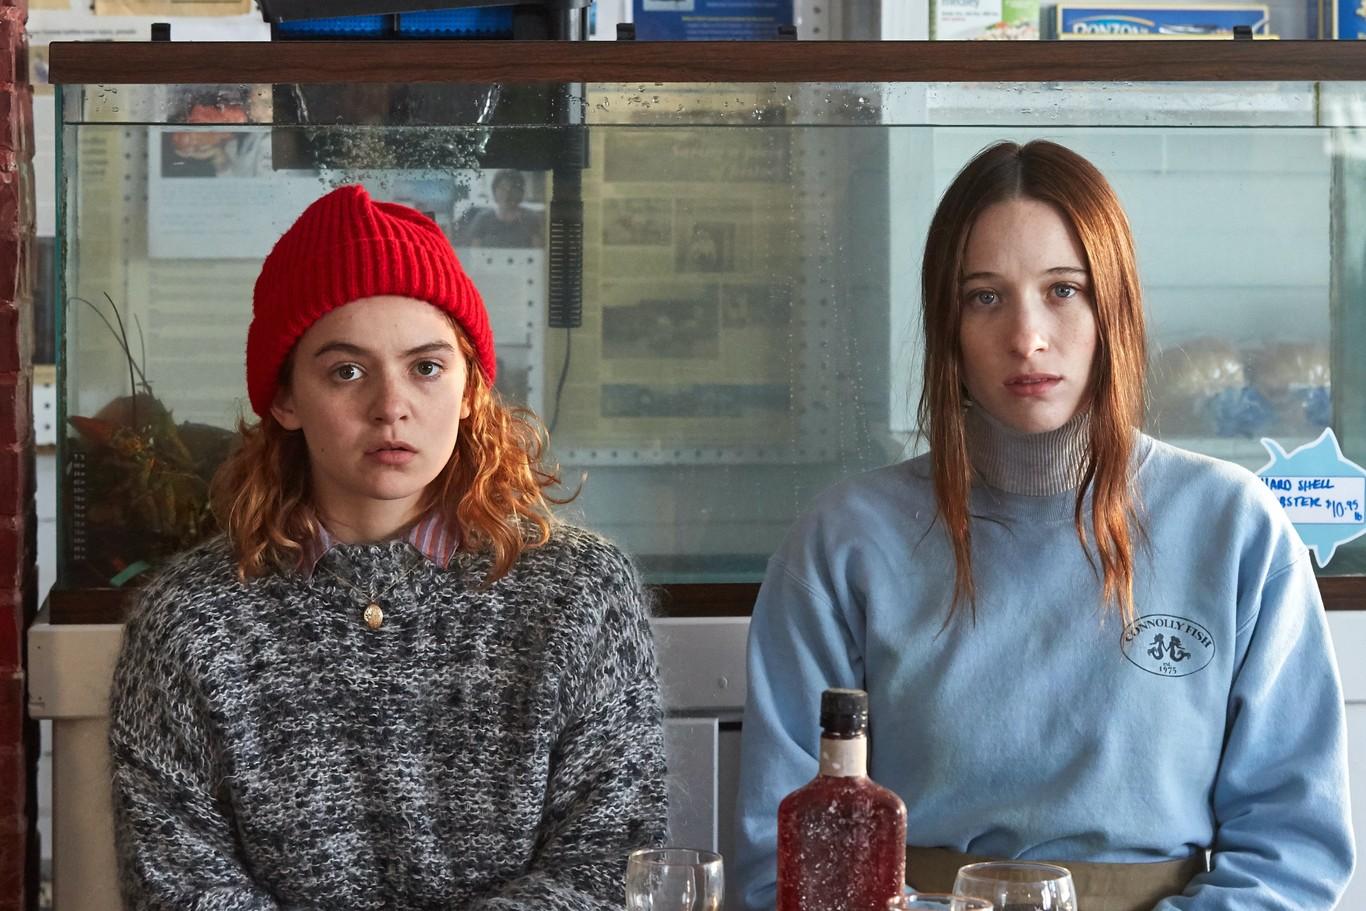 Derribad al hombre' ('Blow the Man Down') (2019) crítica: Amazon Prime  presenta un entretenido thriller feminista que no termina de rematar la  faena